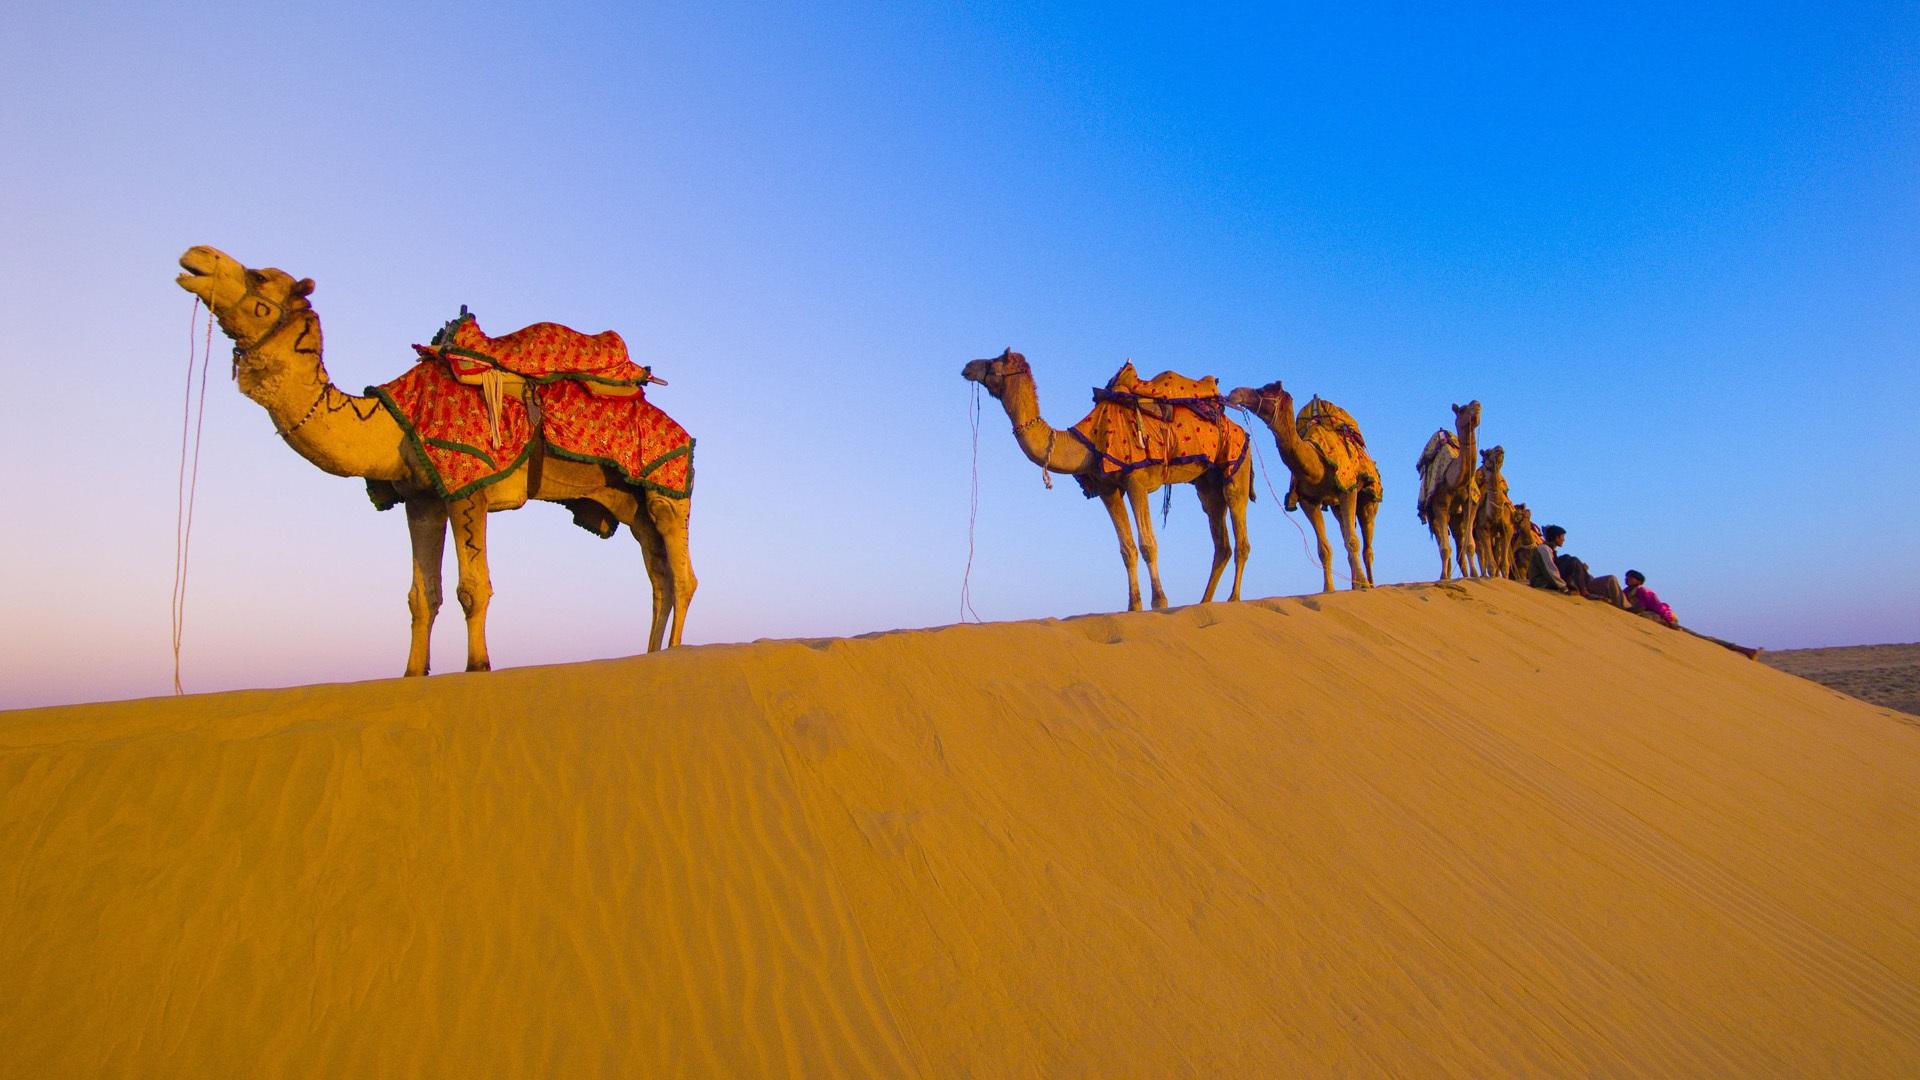 природа животные пустыня  № 3146261 бесплатно